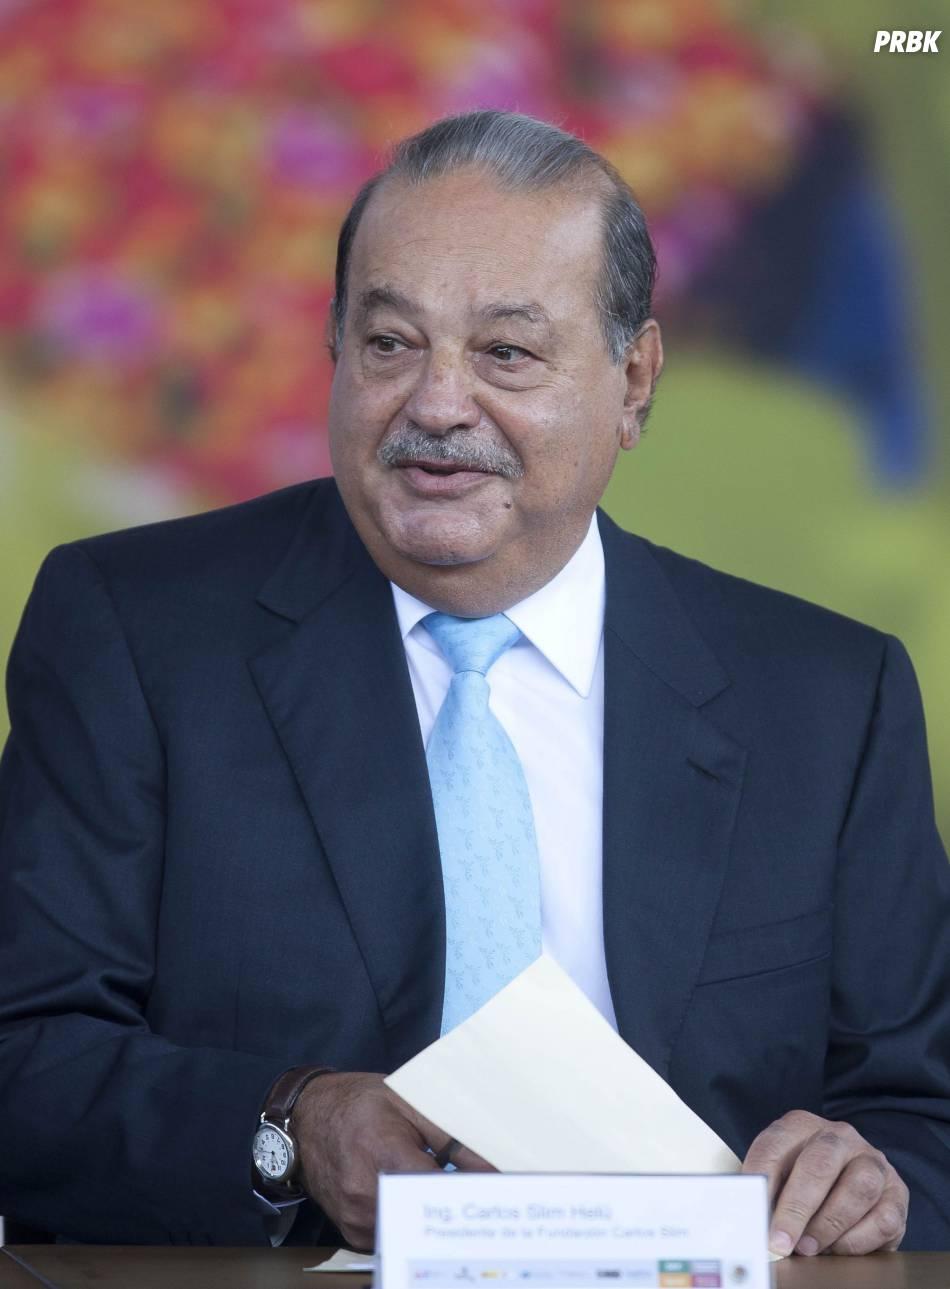 Carlos Slim doublé par Bill Gates au classement 2014 des hommes et femmes les plus riches de la planète